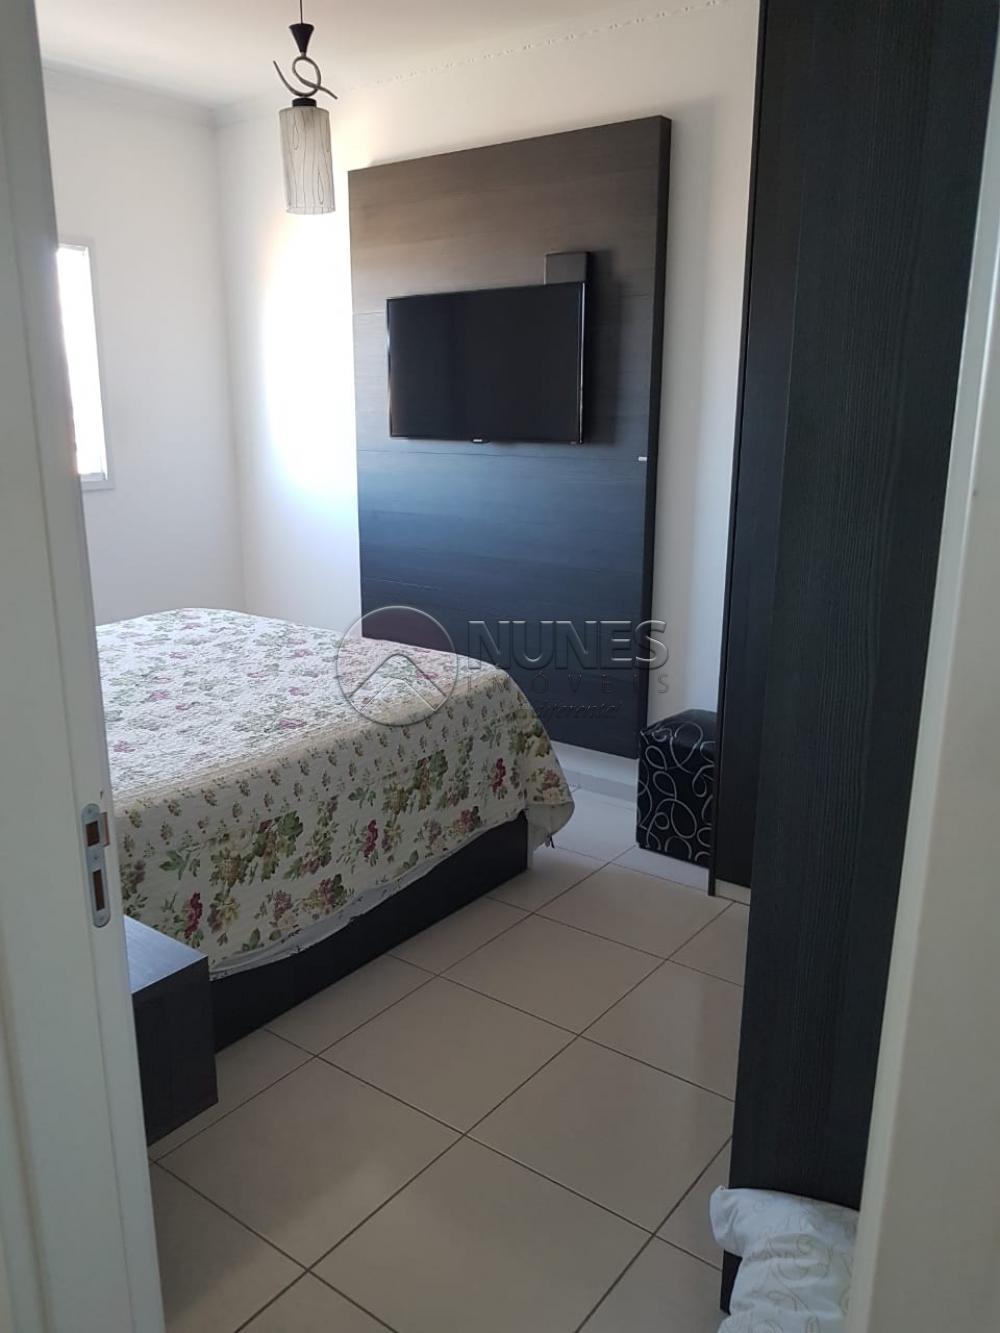 Comprar Apartamento / Padrão em Caraguatatuba apenas R$ 350.000,00 - Foto 16